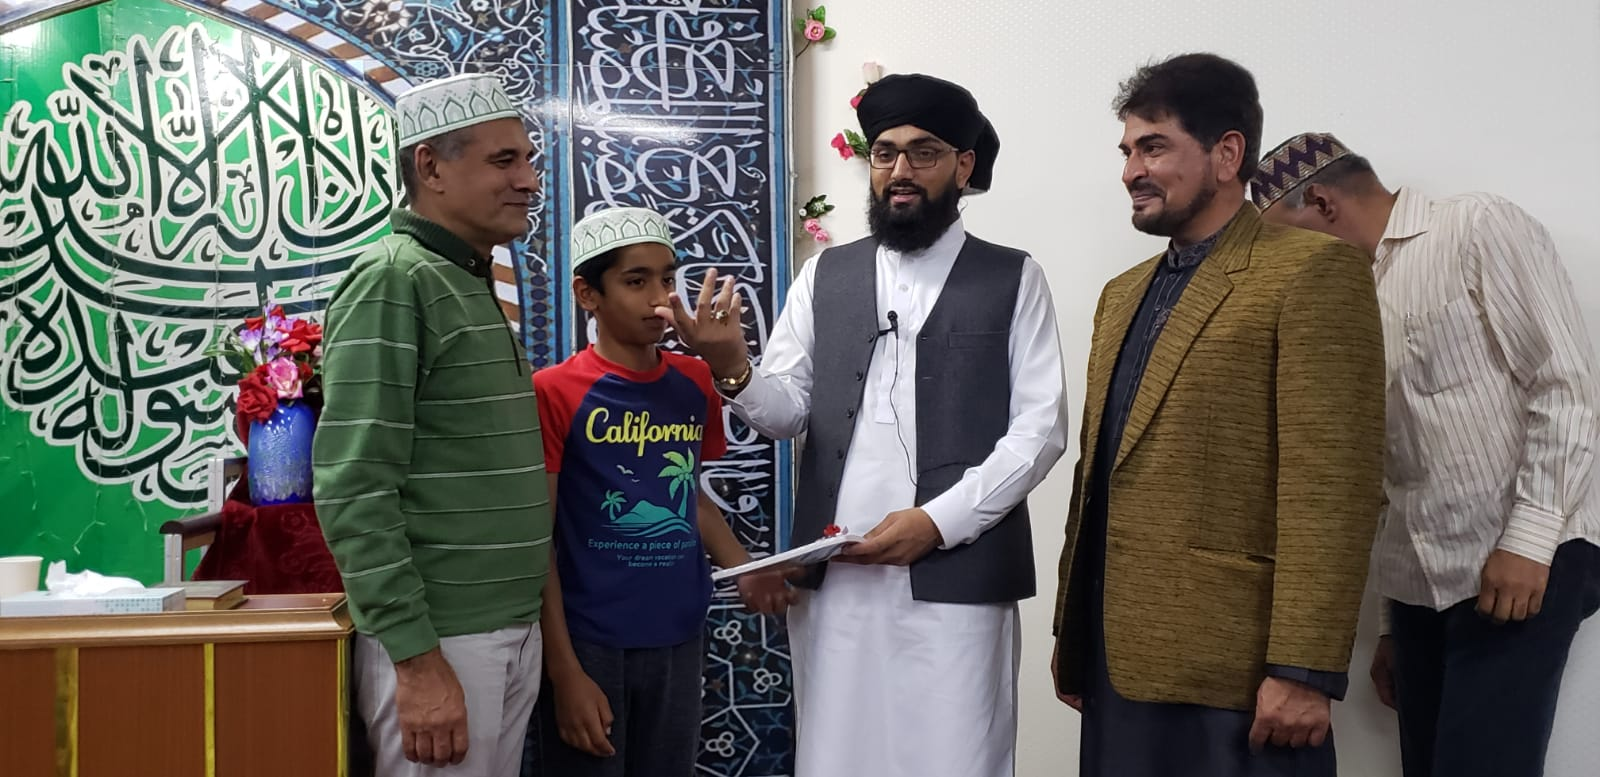 Kids Khatam Quran Ceremony October 2019